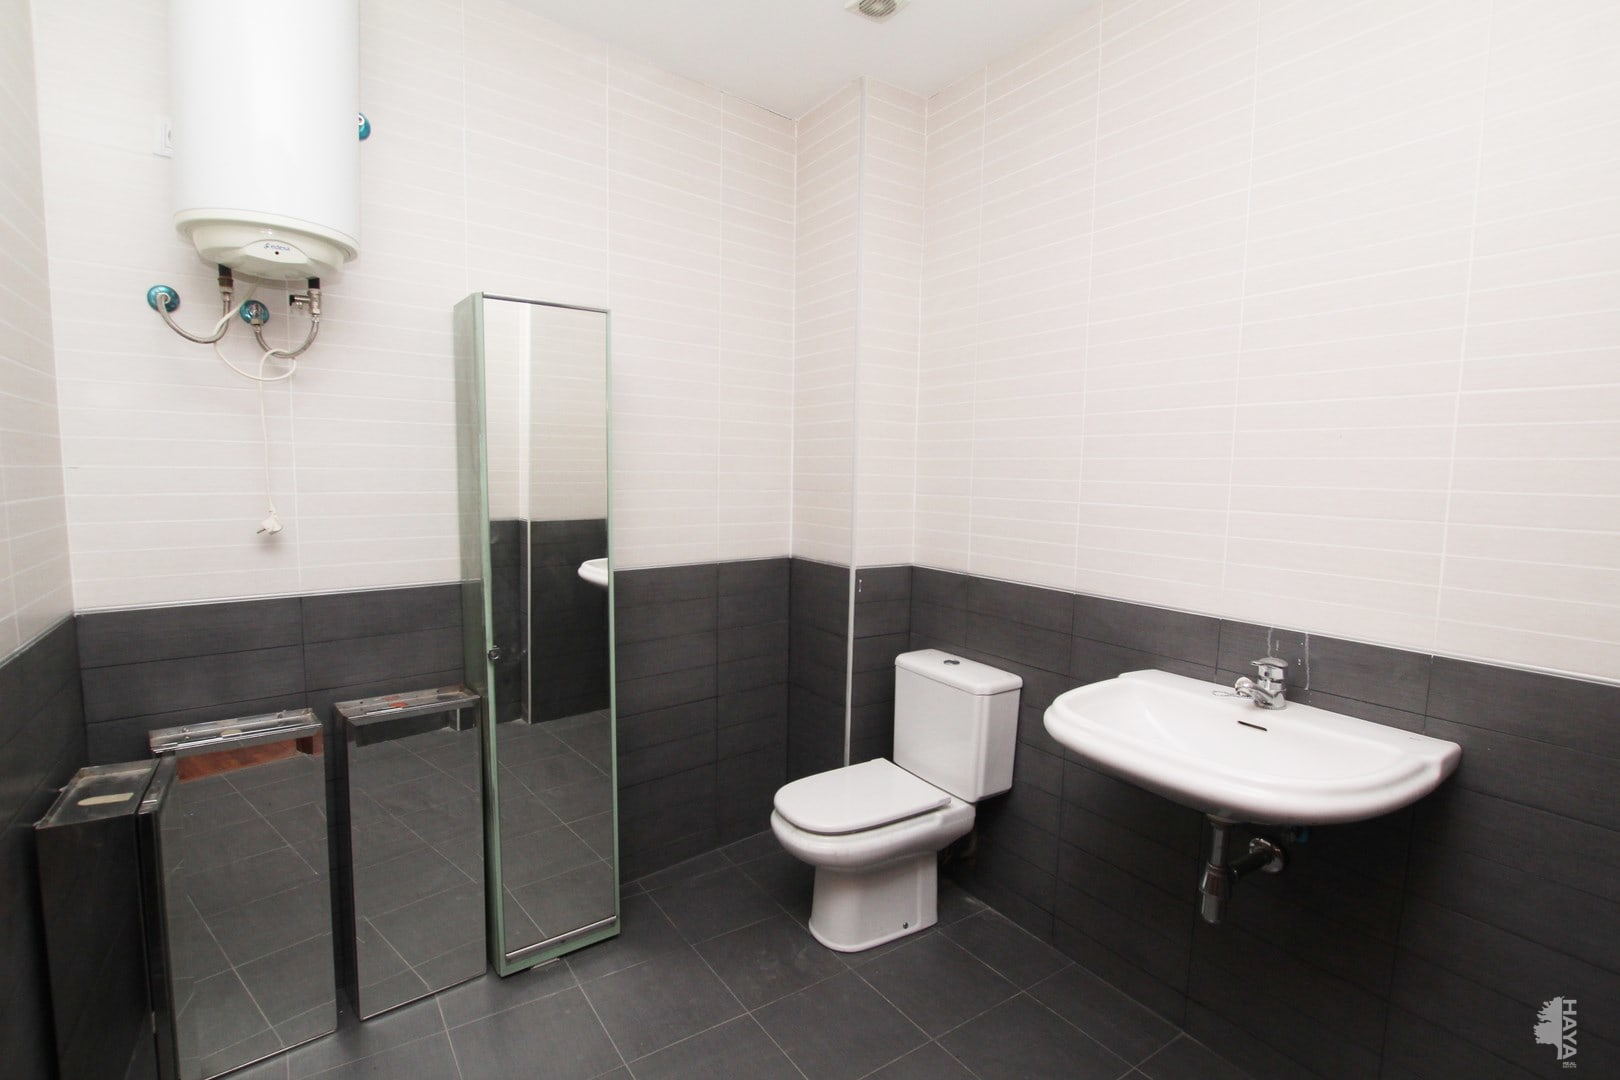 Local en venta en Valencia, Valencia, Avenida Construcciones Levantinas Hefer, S.l., 83.200 €, 88 m2